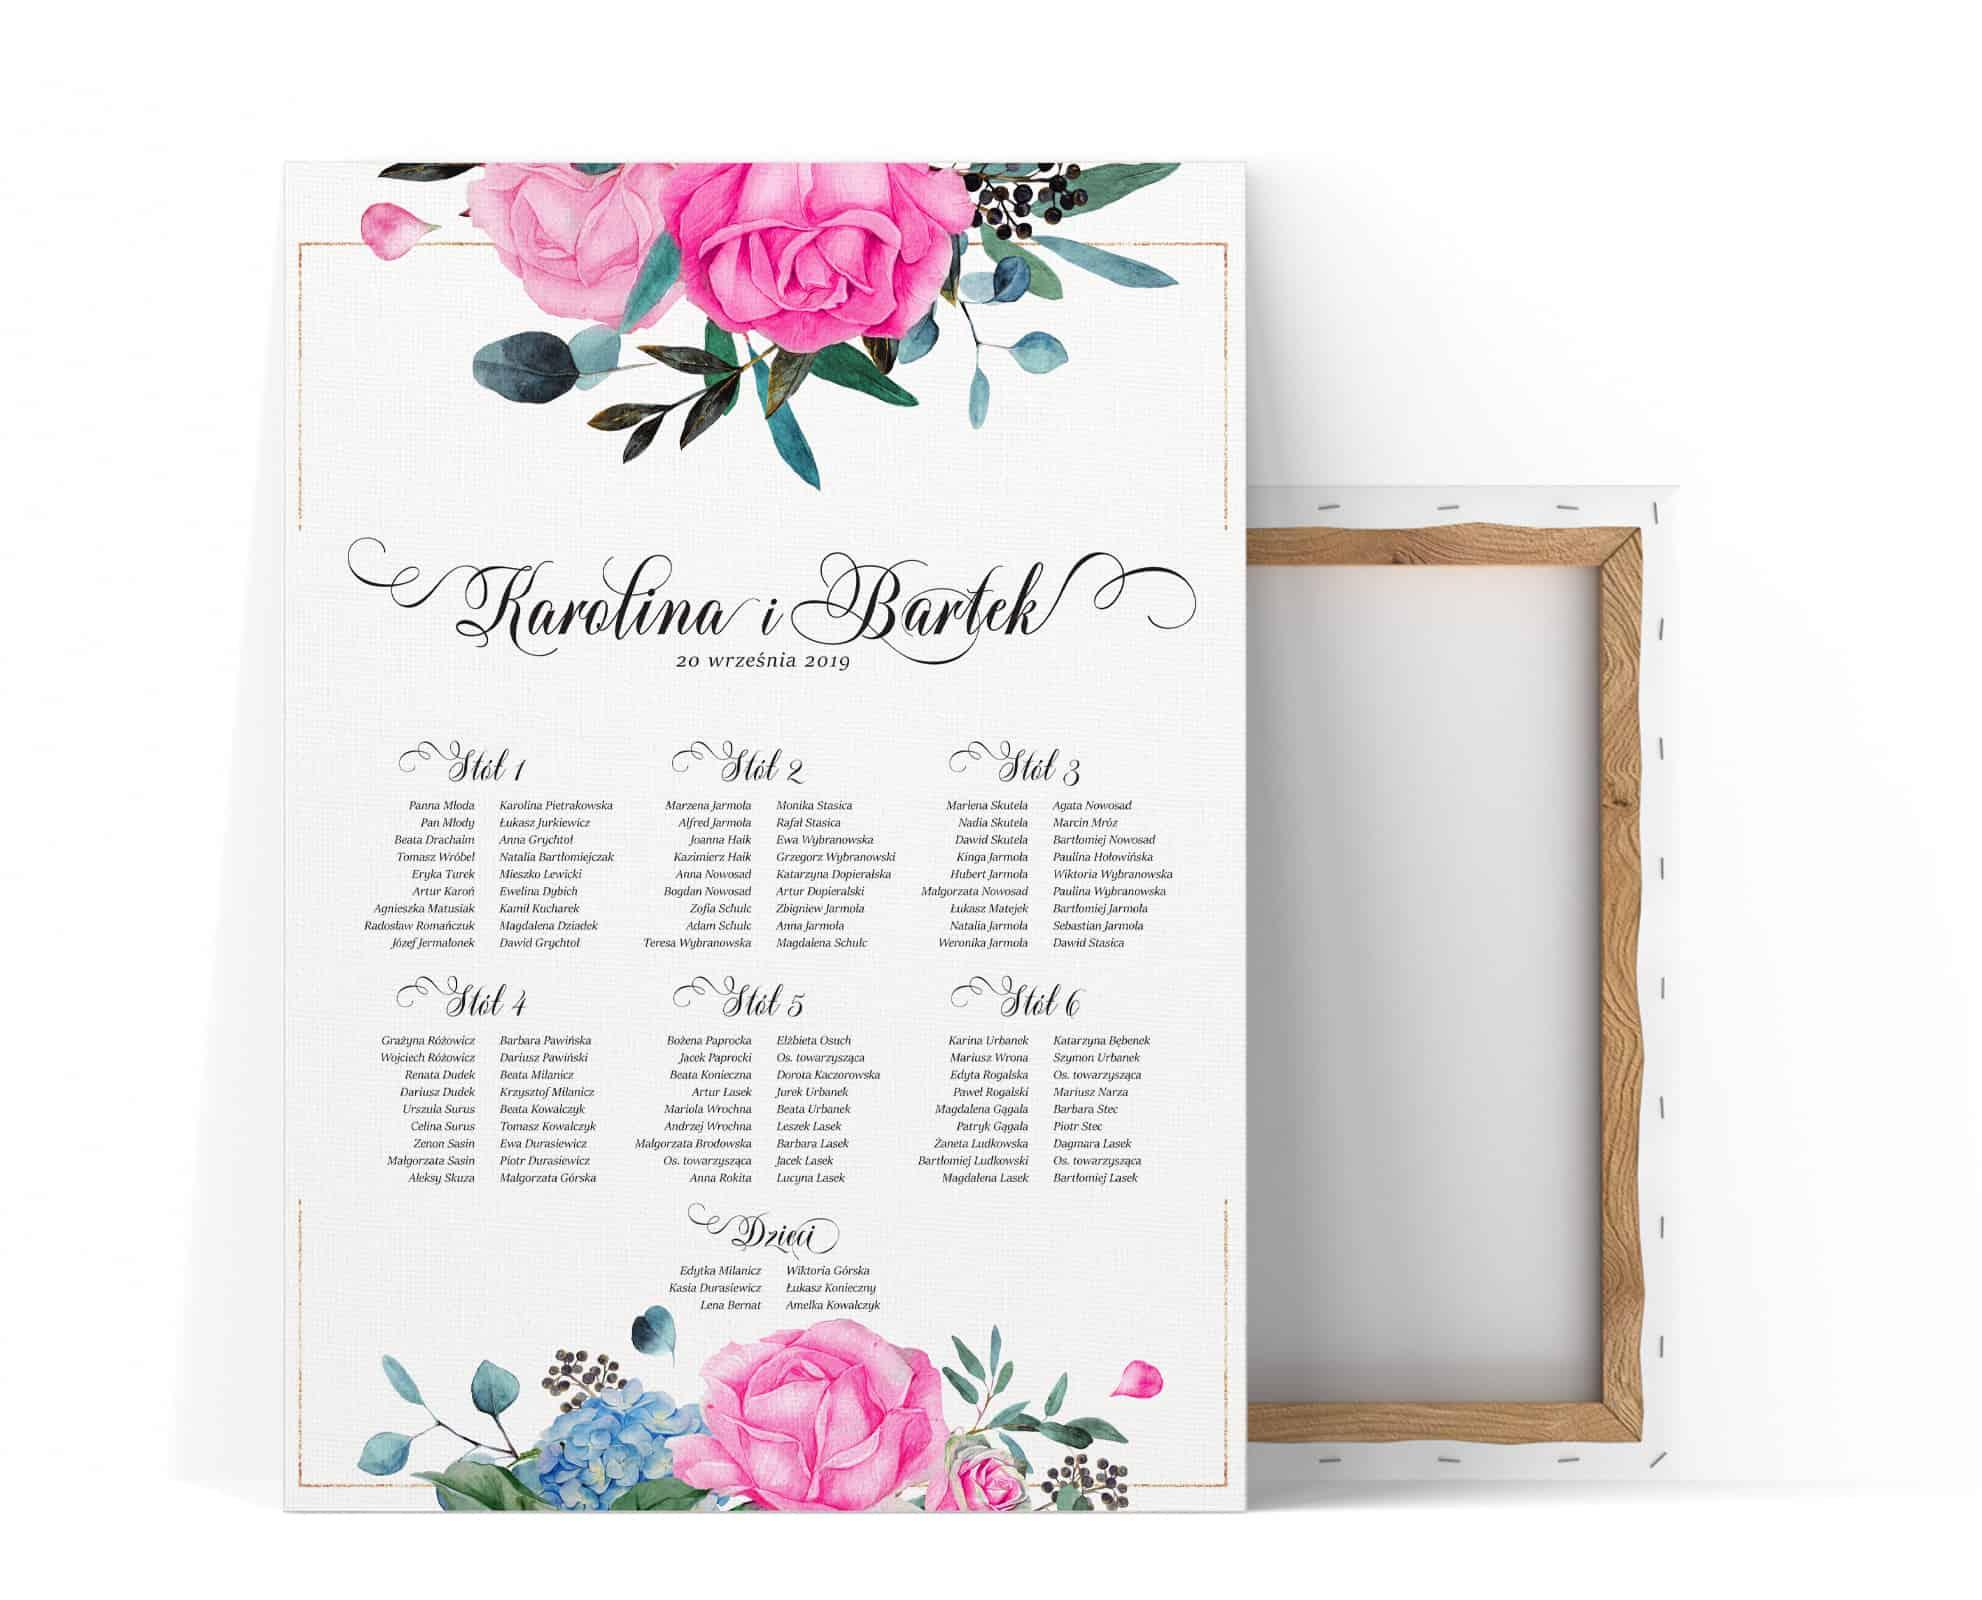 Plan stołów z komozycją różowych róż i zielonych liści